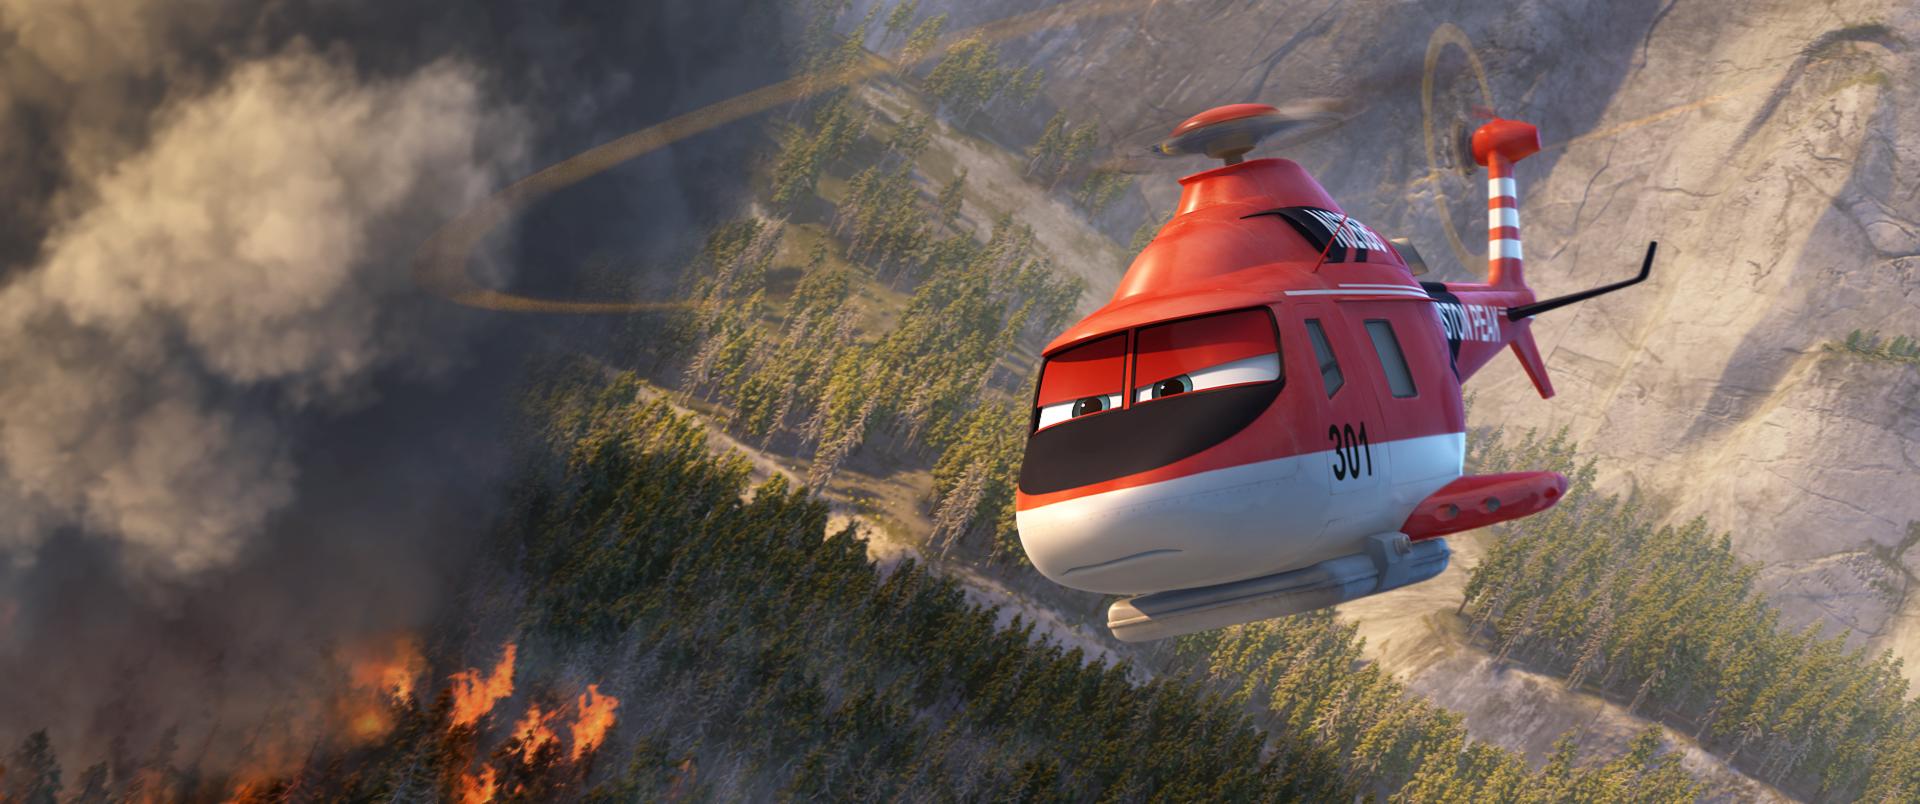 Planes 2 - Missione Antincendio: l'elicottero in azione in una scena del film